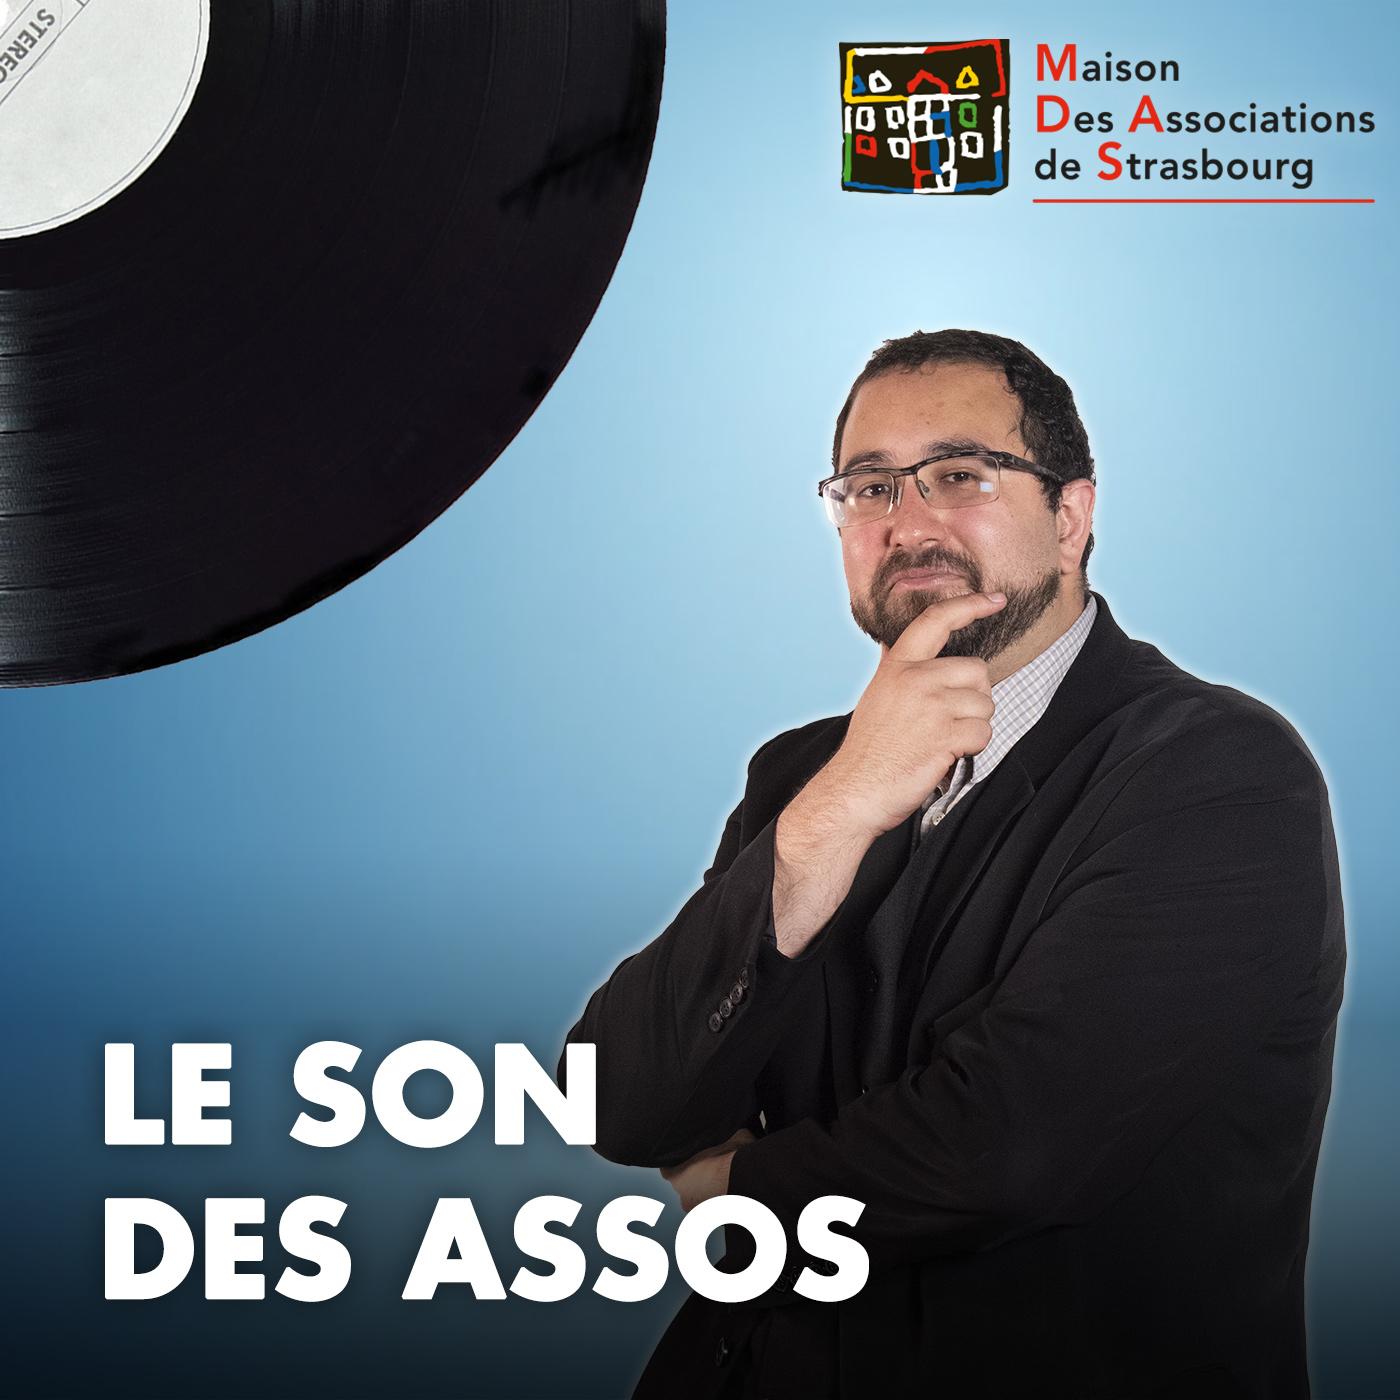 Artwork for podcast Le son des Assos